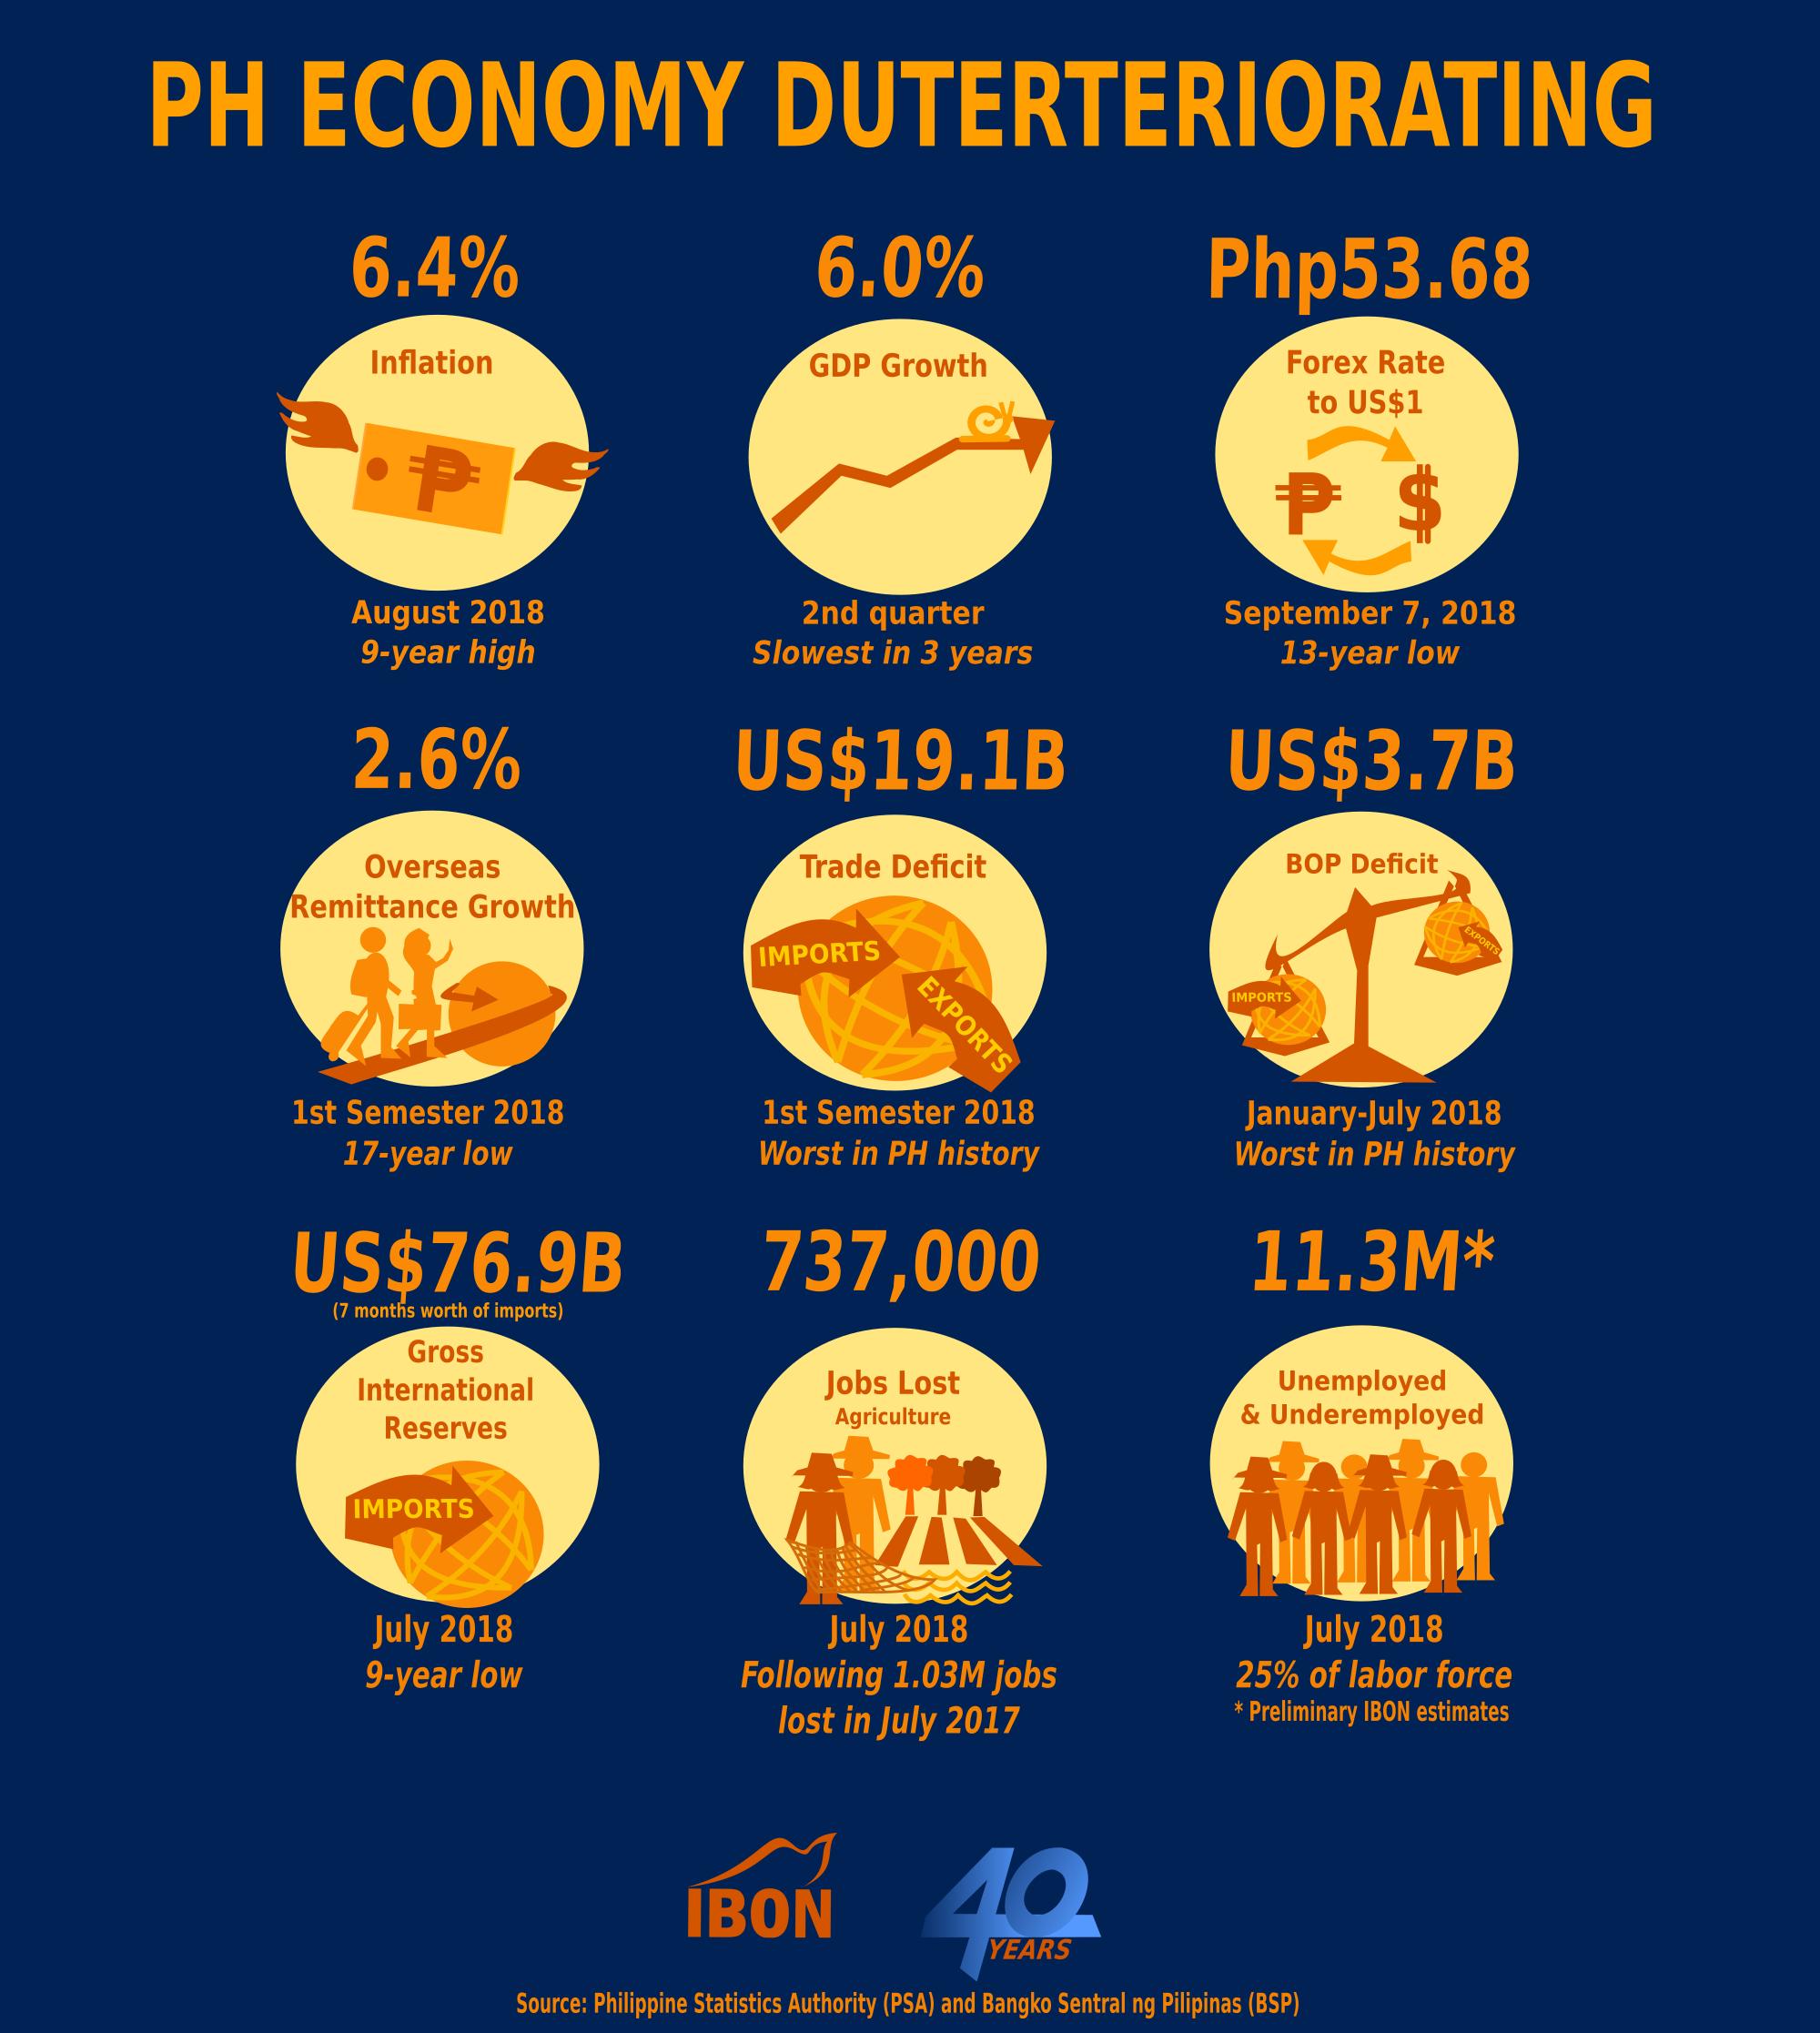 IBON 2018 0907 PH Econ DuterterioratingFIN